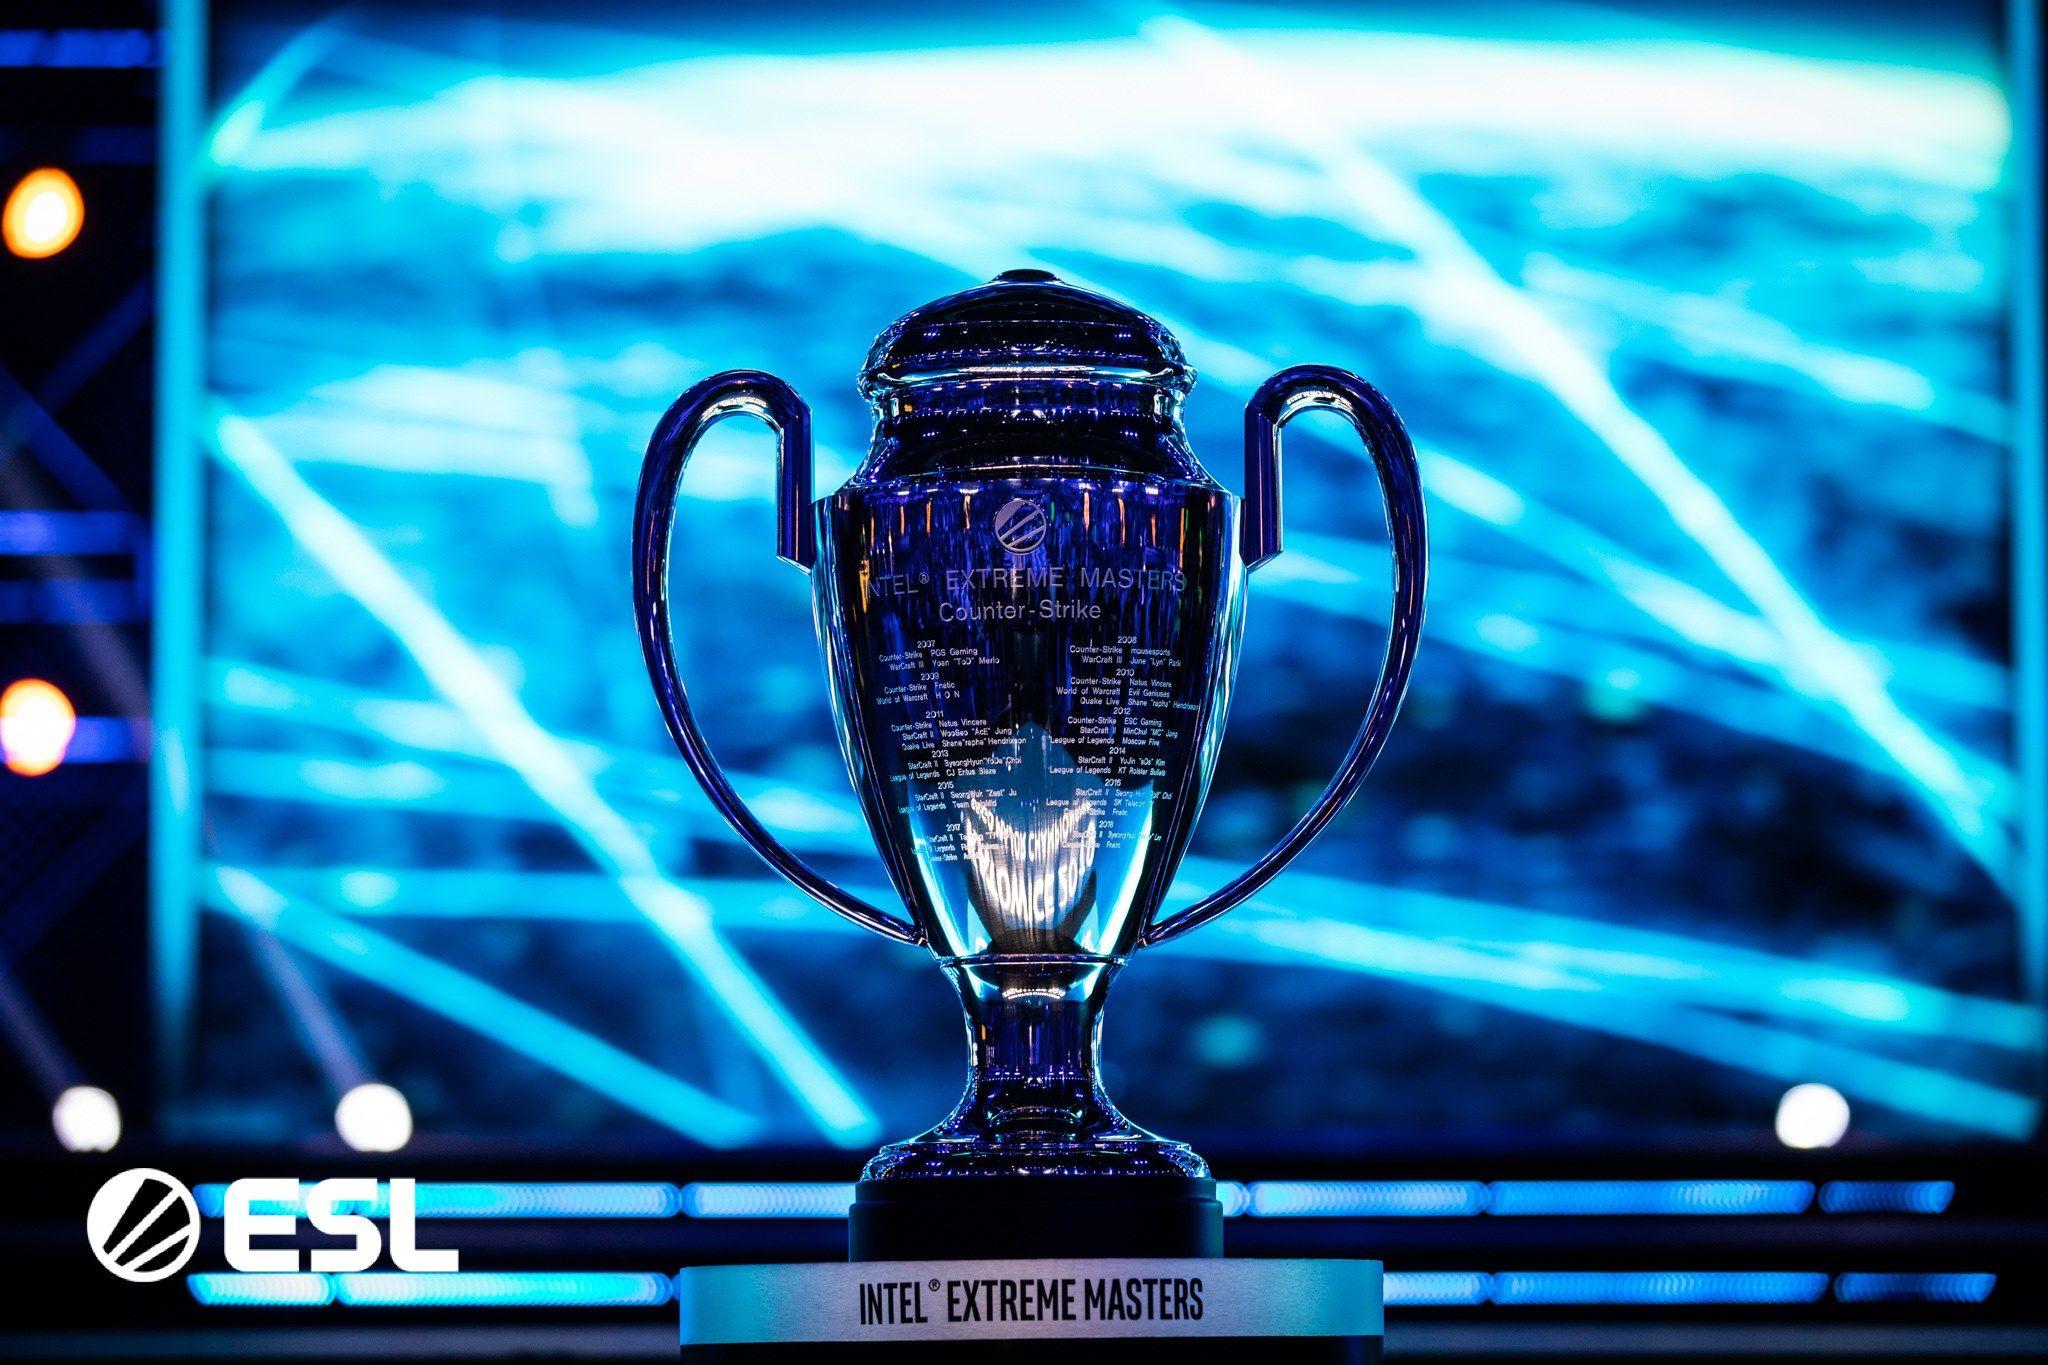 Dwie, polskie drużyny w grze o Intel Extreme Masters Katowice 2020! 1